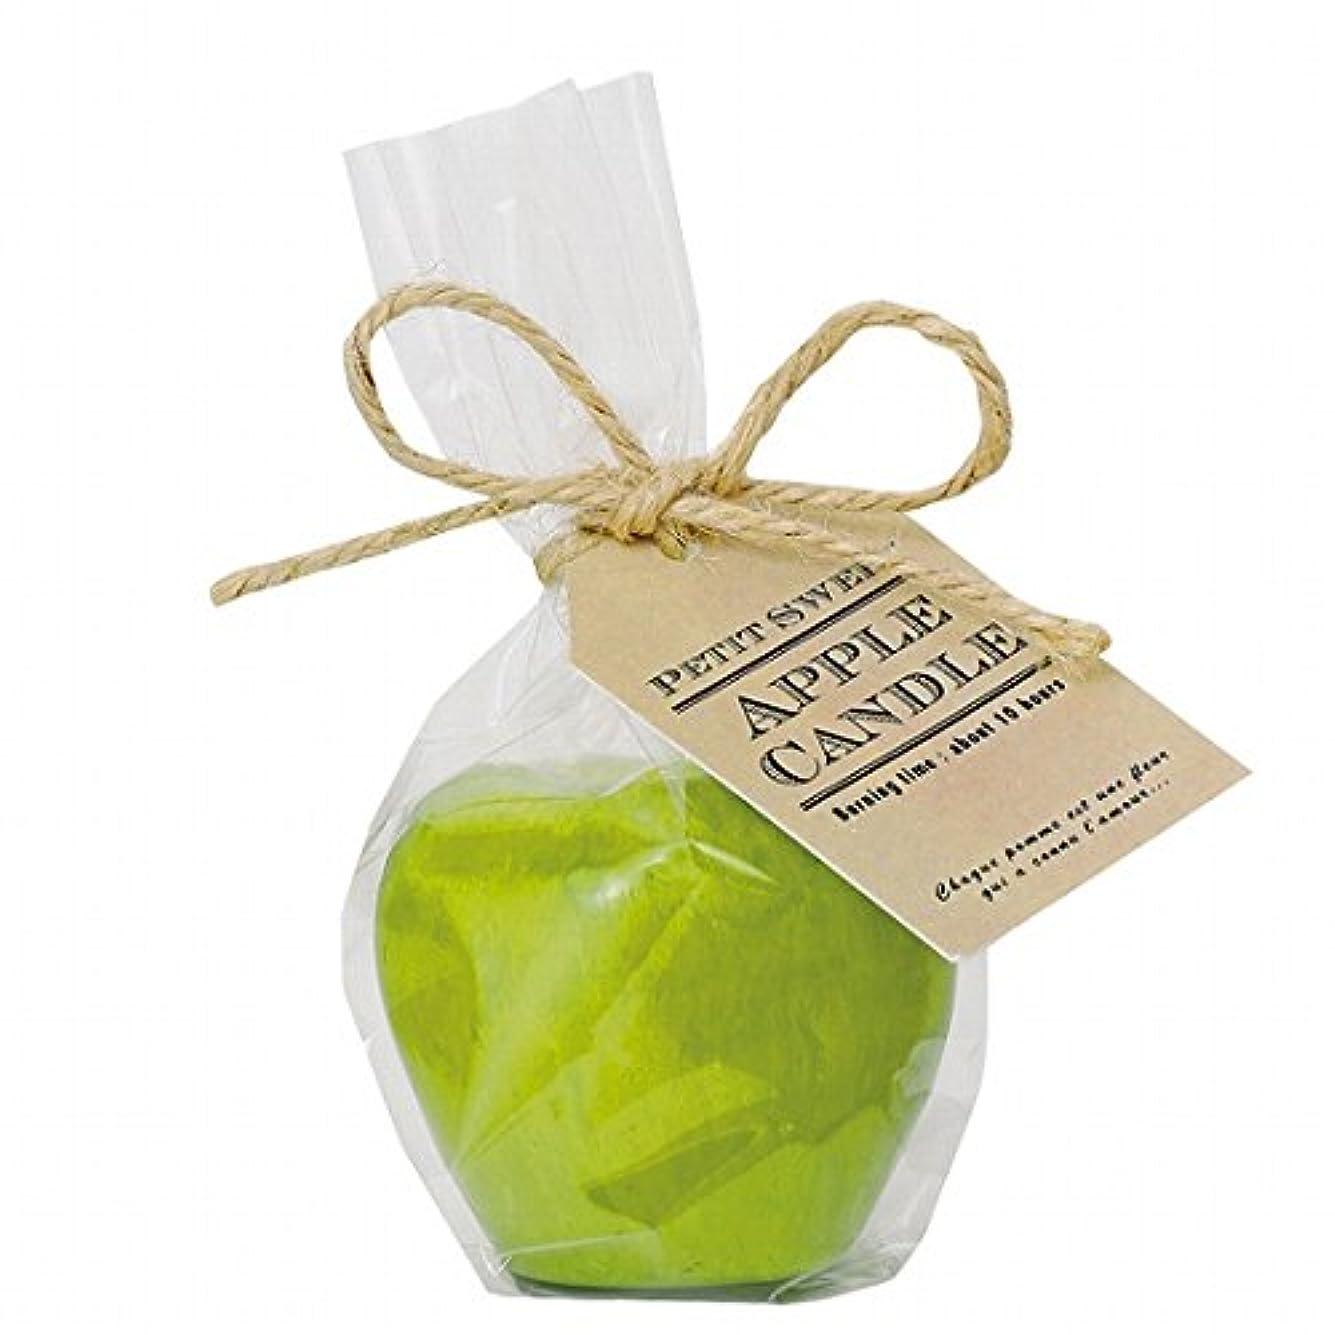 閃光強制的球体カメヤマキャンドル(kameyama candle) プチスイートアップルキャンドル 「 グリーン 」